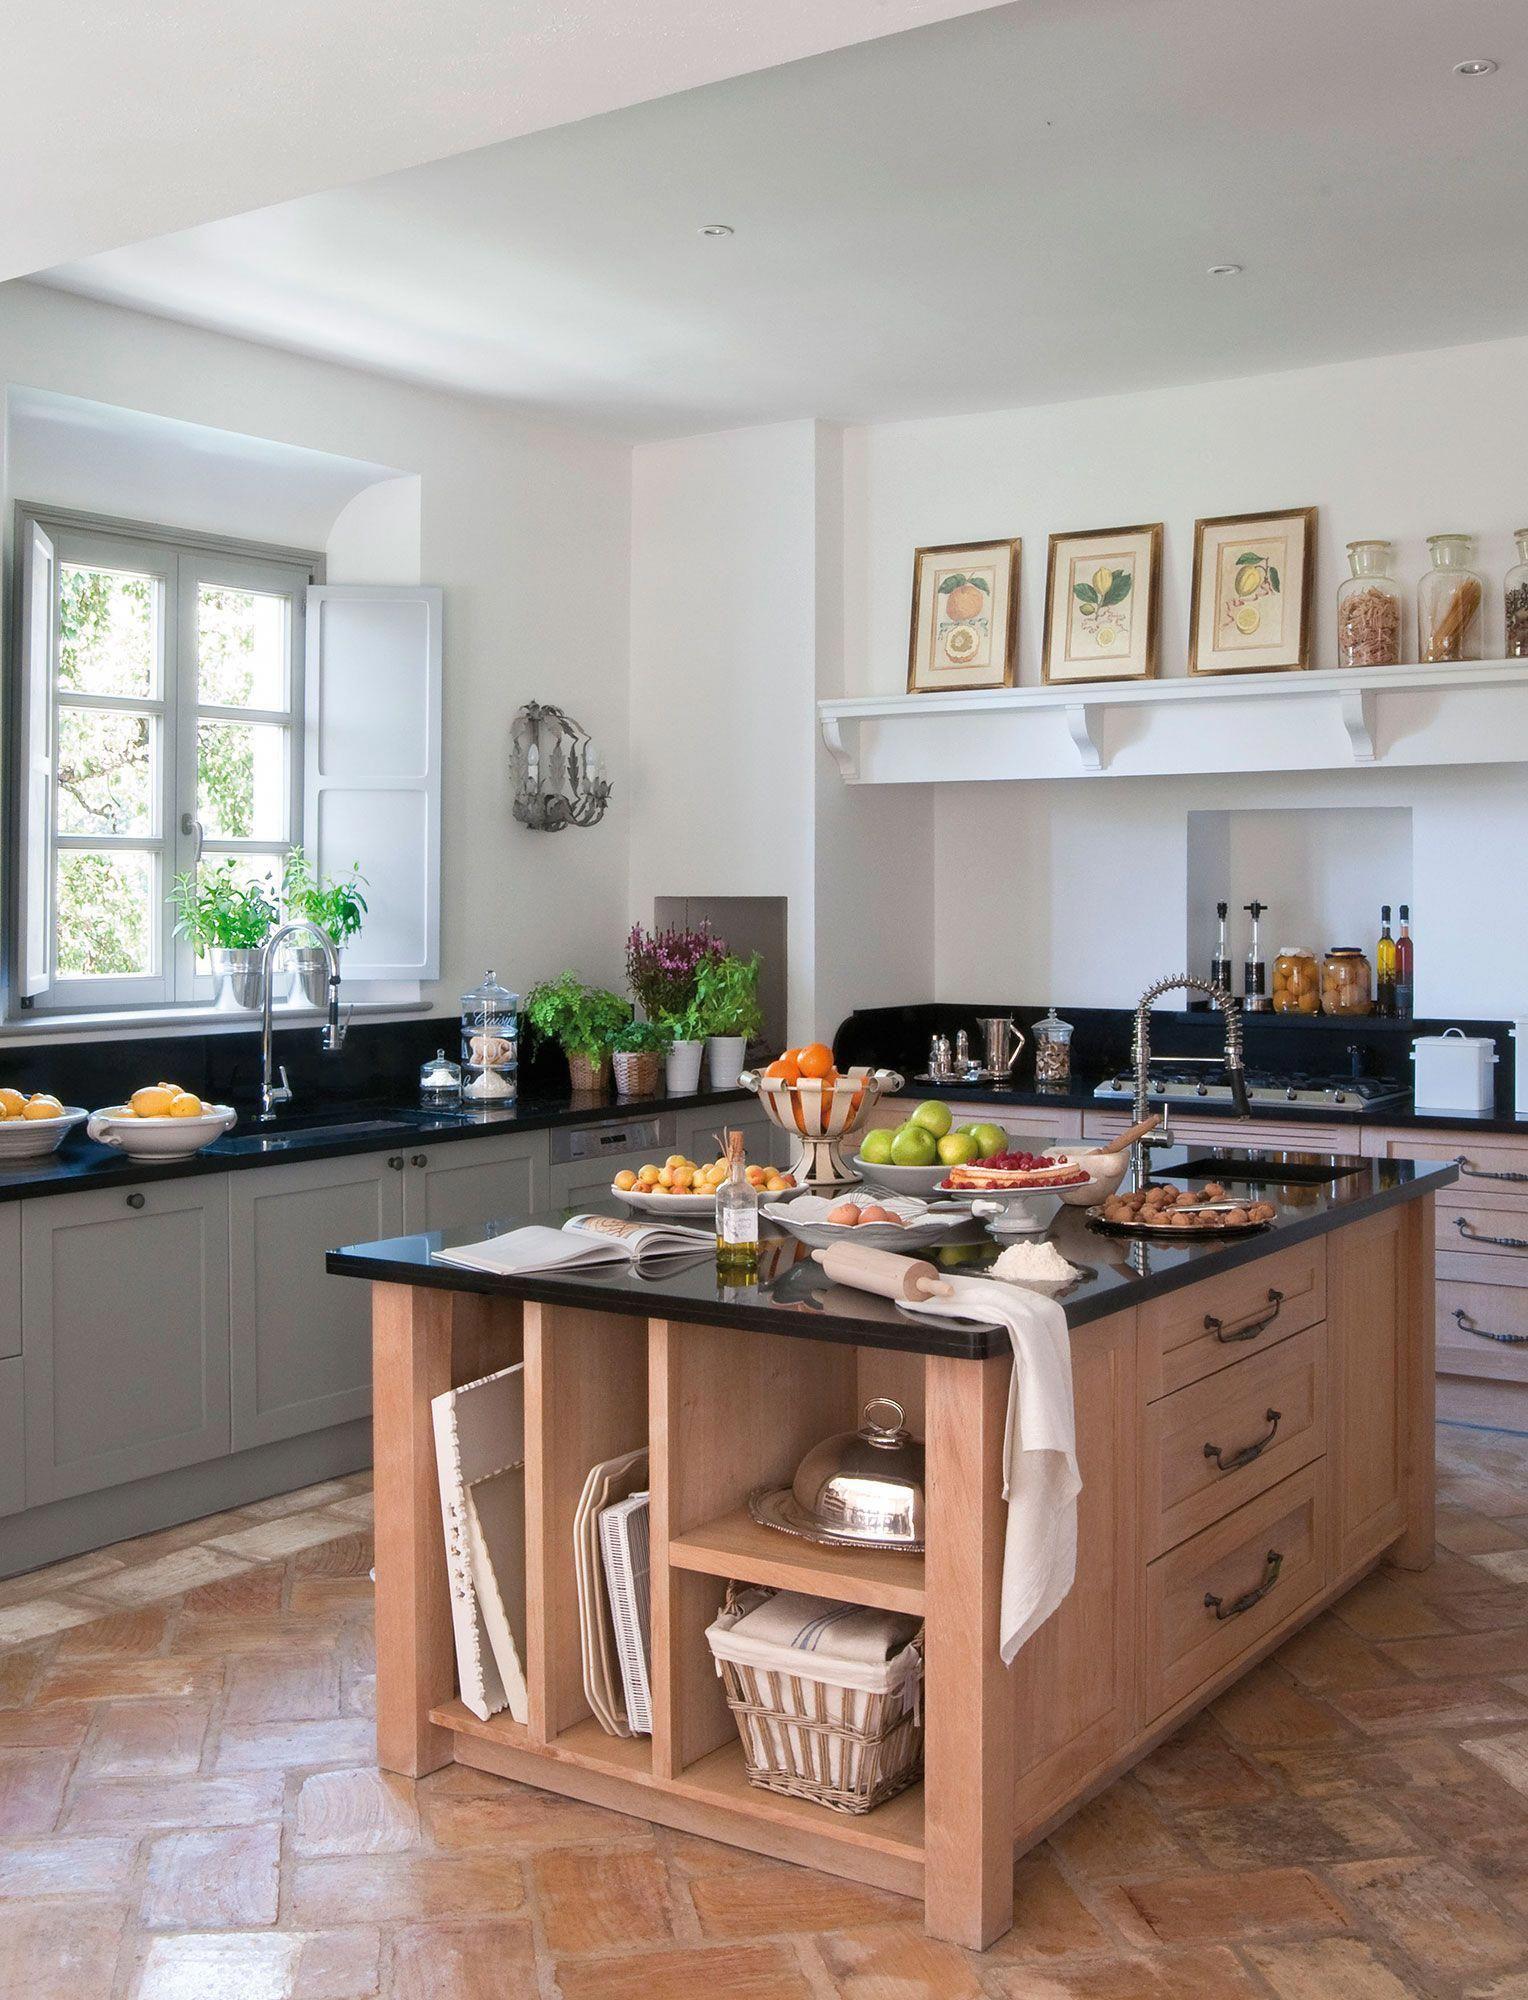 Renueva La Encimera Y Estrena Cocina Muebles De Cocina Cocina Madera Decoracion De Cocina